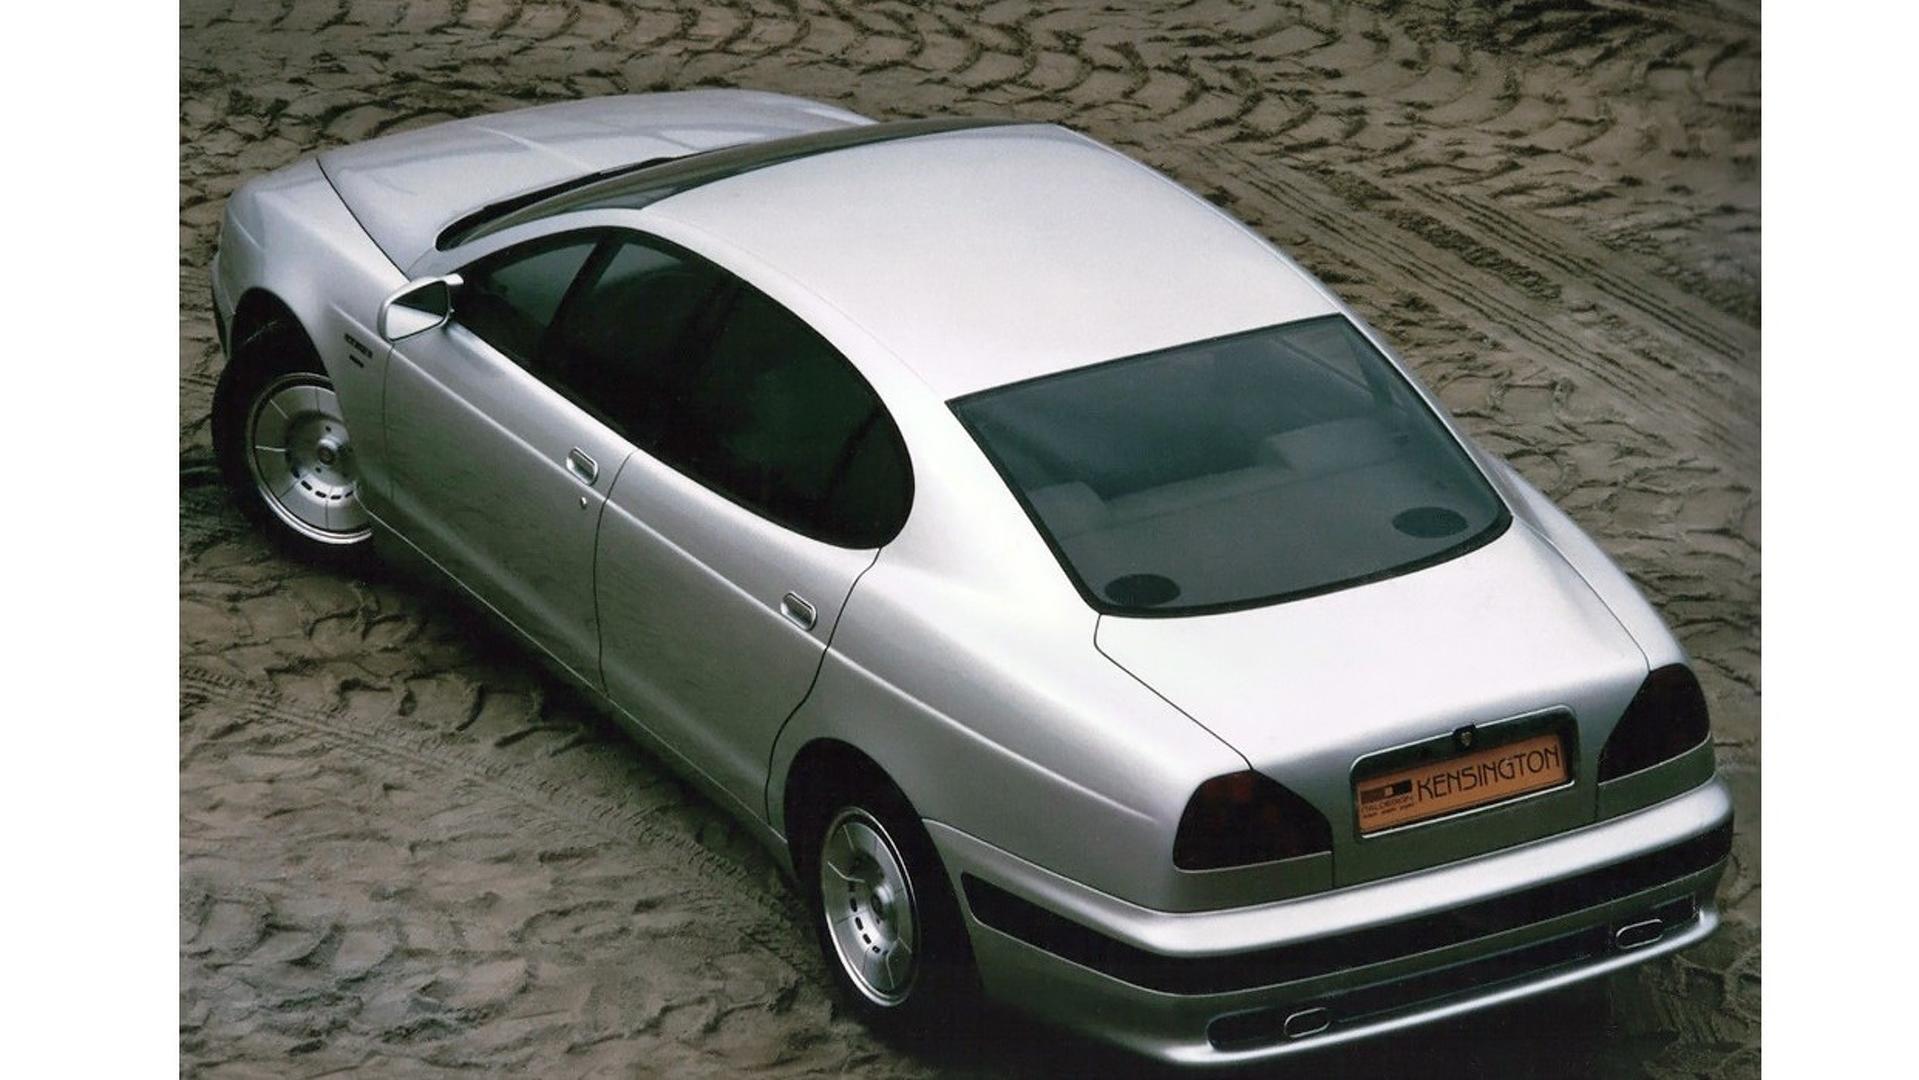 1990-jaguar-kensington-concept8